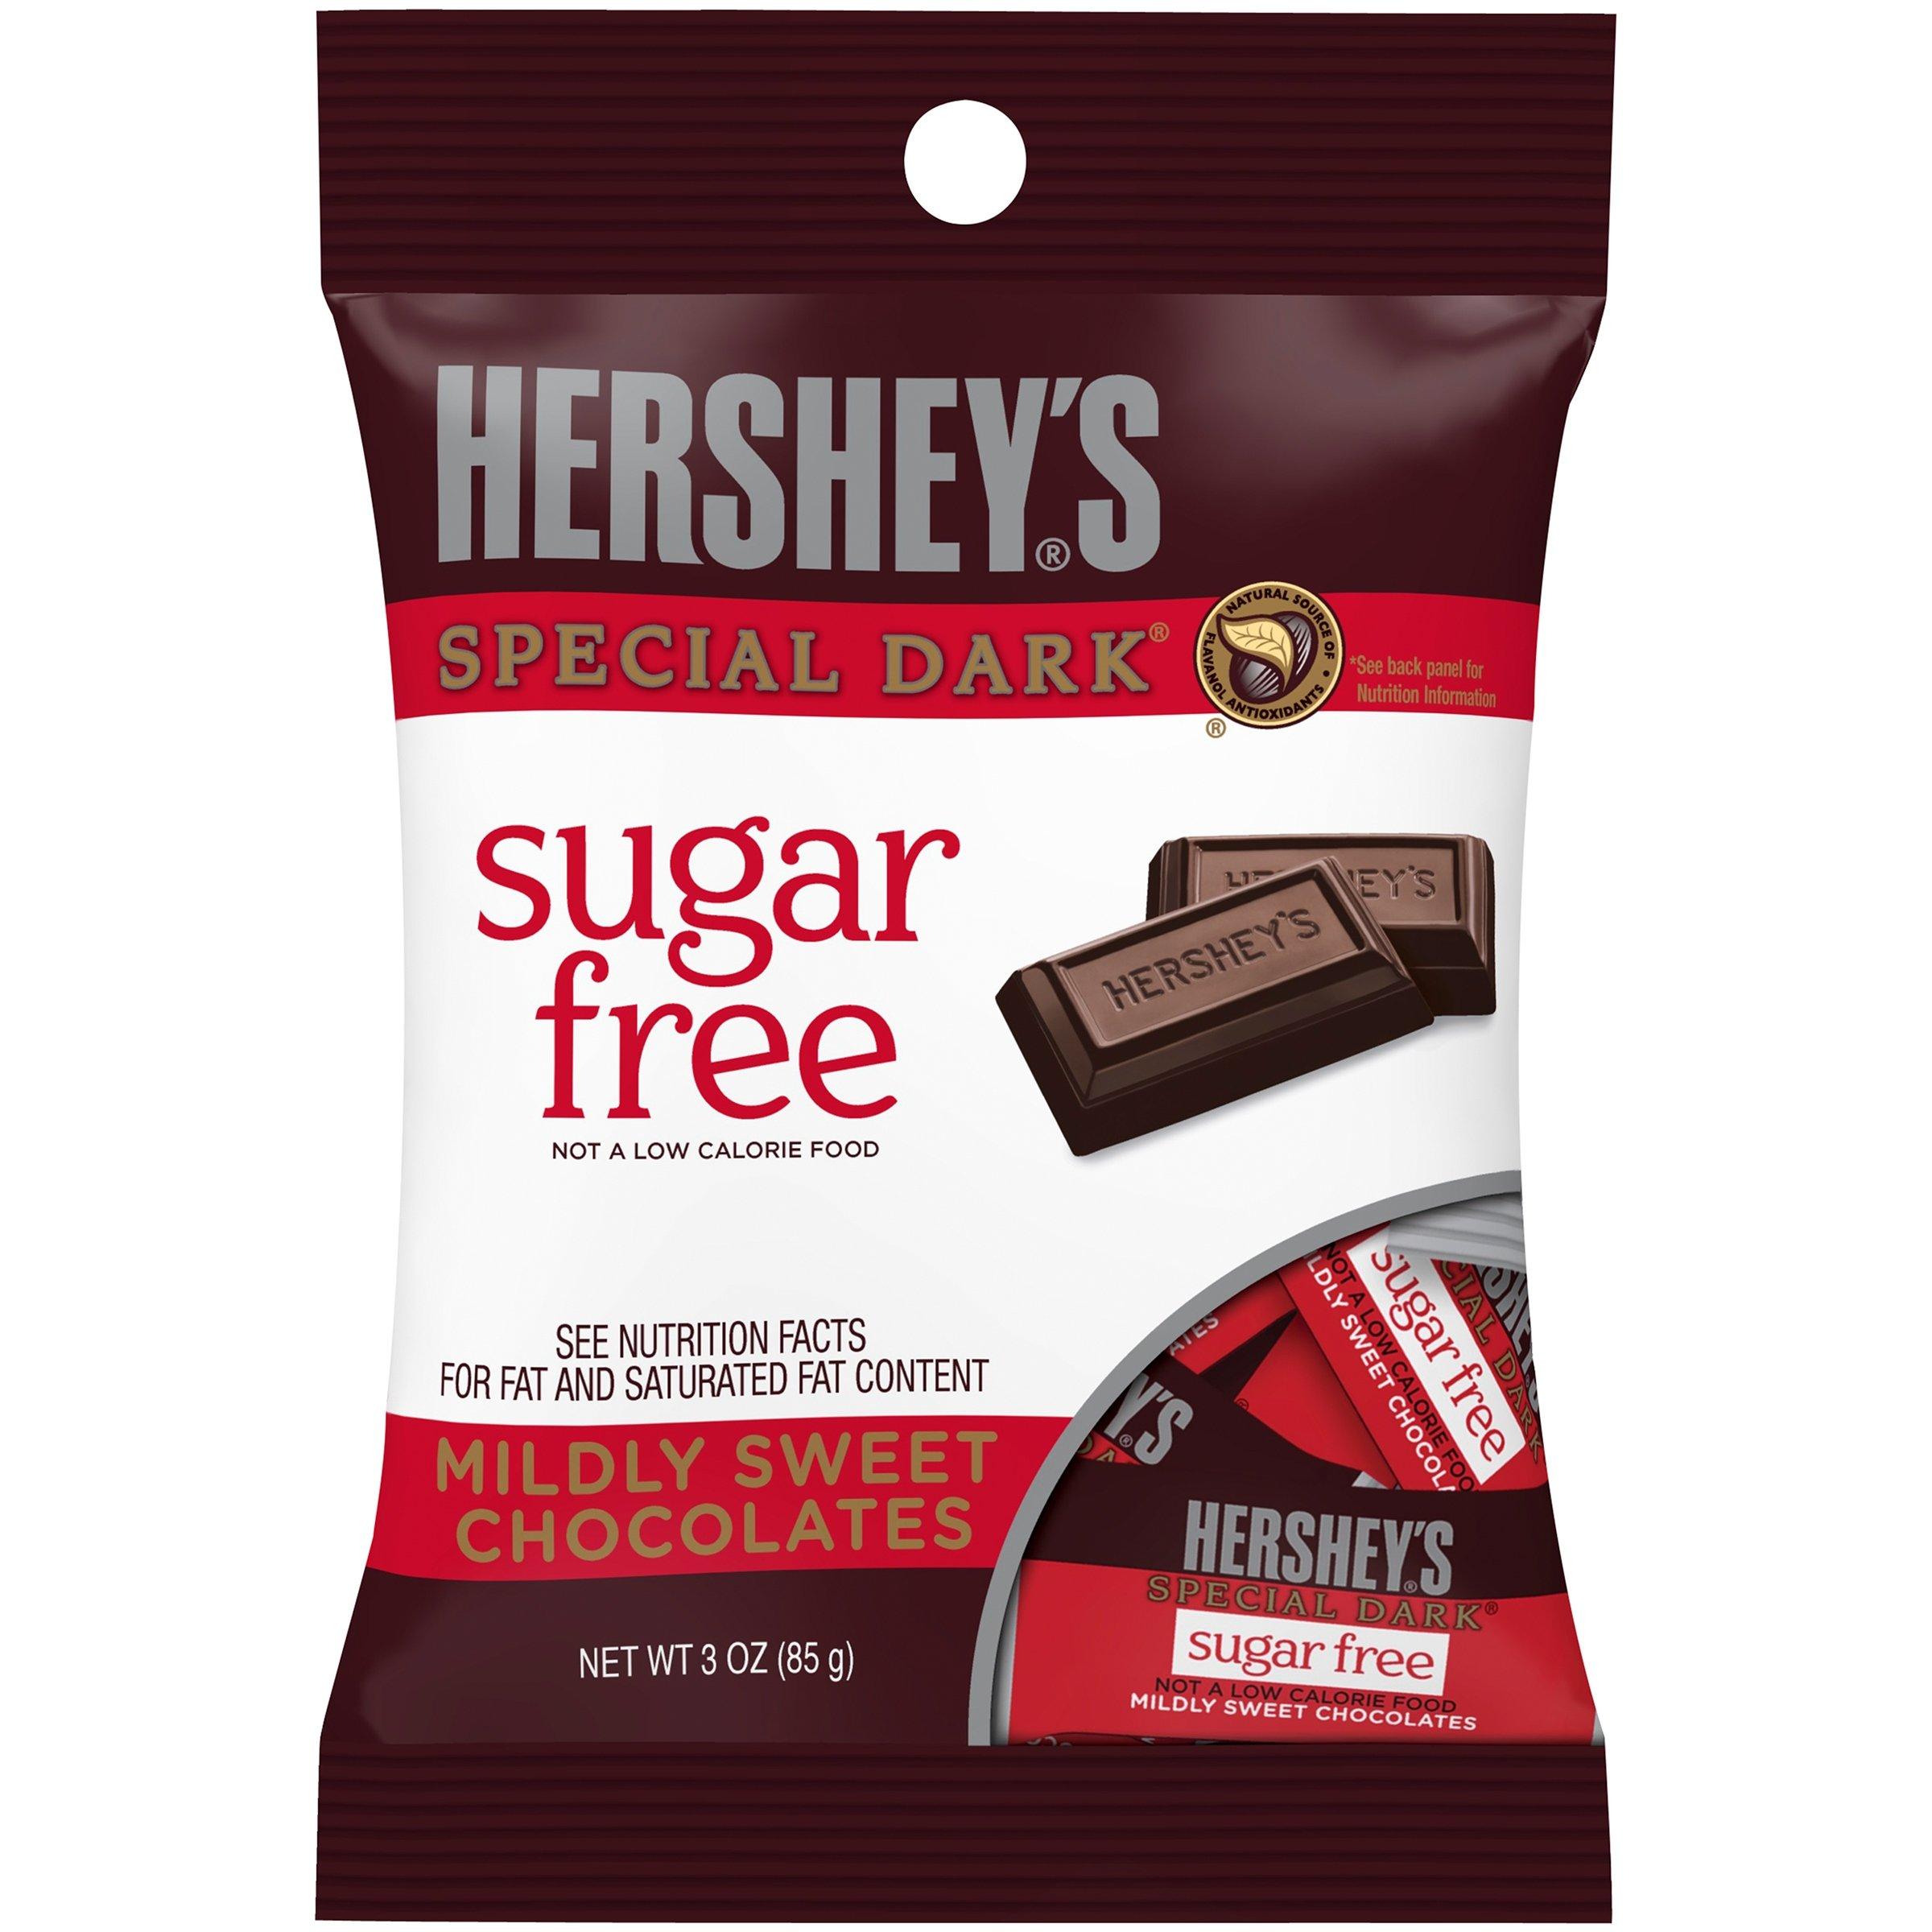 HERSHEY'S Sugar Free SPECIAL DARK Mildly Sweet Chocolate Bars, 3 oz (Pack of 6) by KingsOfBeats